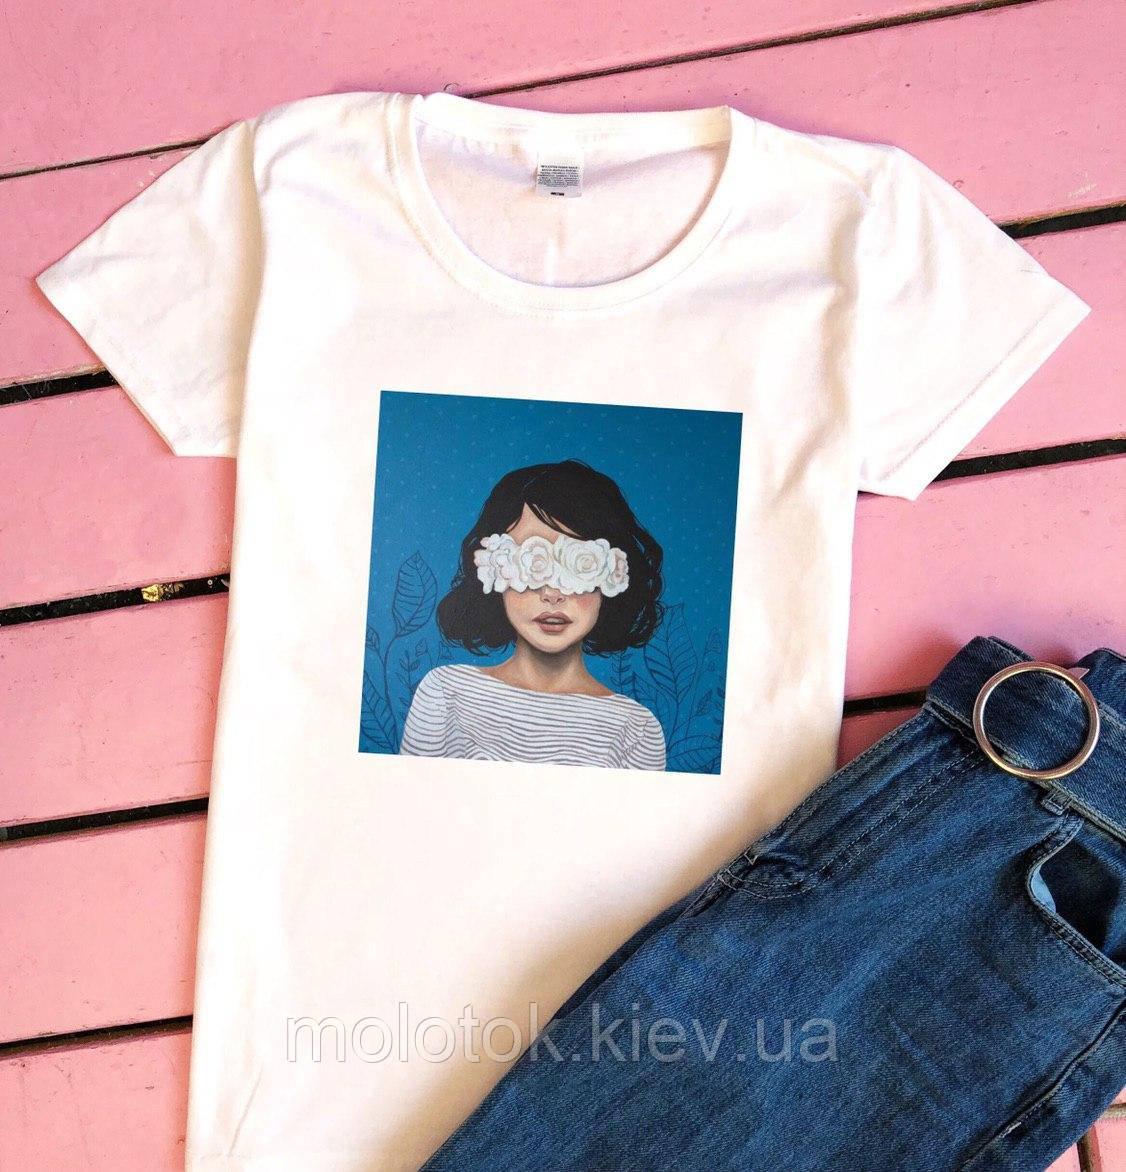 Женская футболка с девушкой на фоне летняя белая